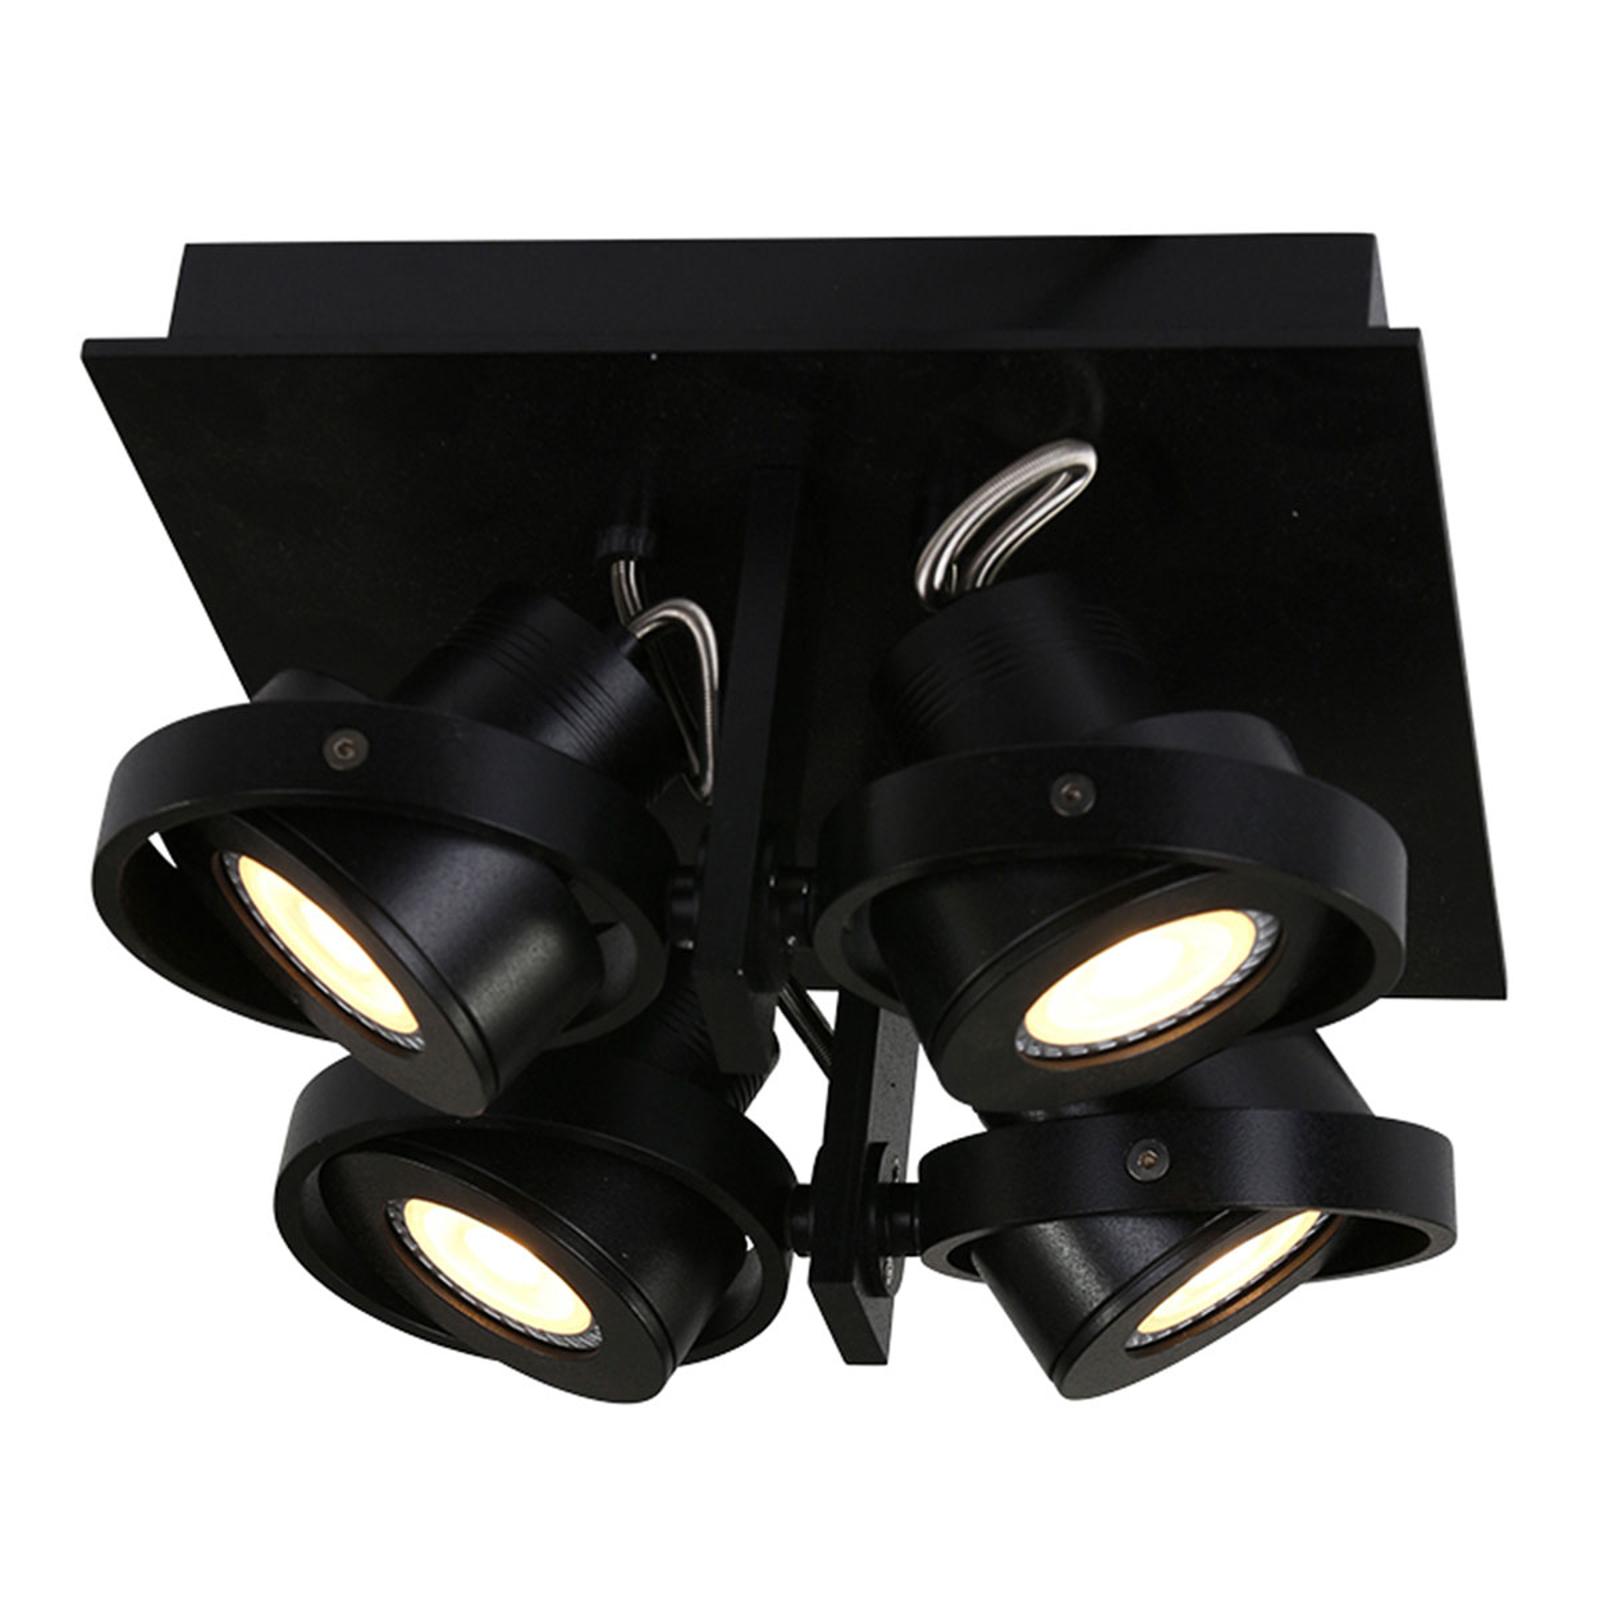 LED-takspot Westpoint 4 lyskilder svart